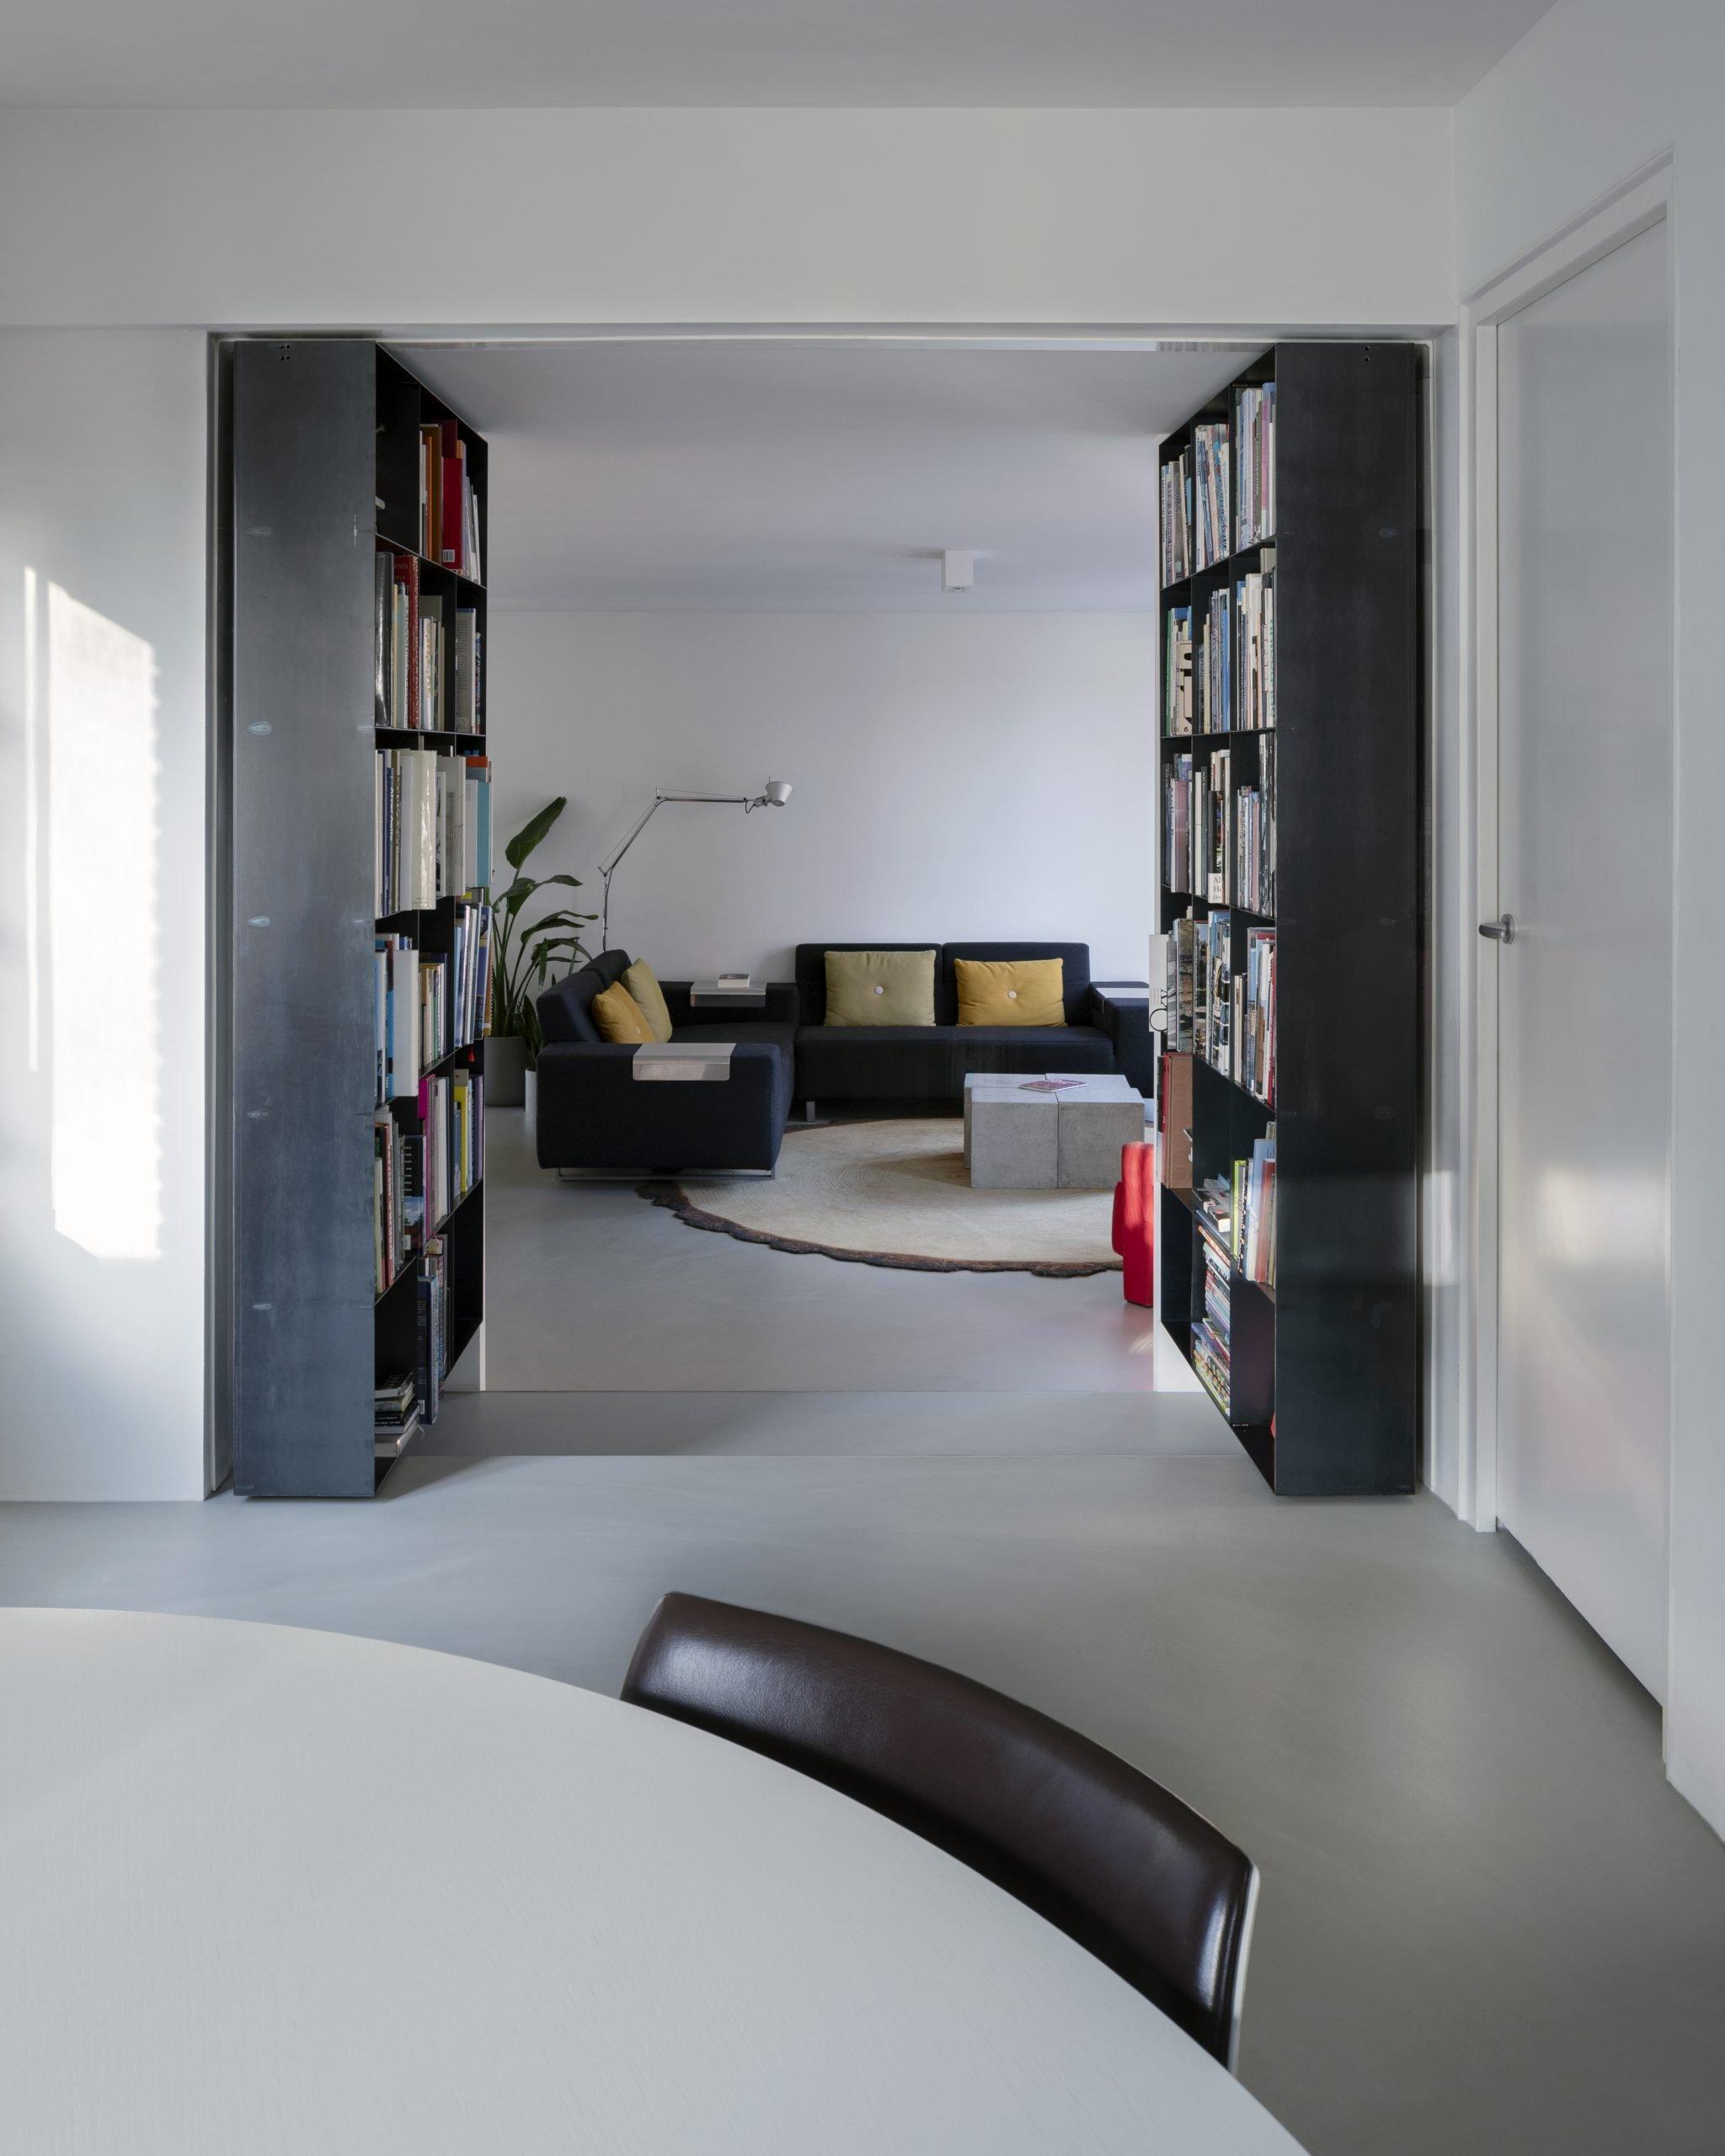 secret-bookcase-with-fritsjurgens-pivot-hinge-system-opened-e1547731638918.jpg